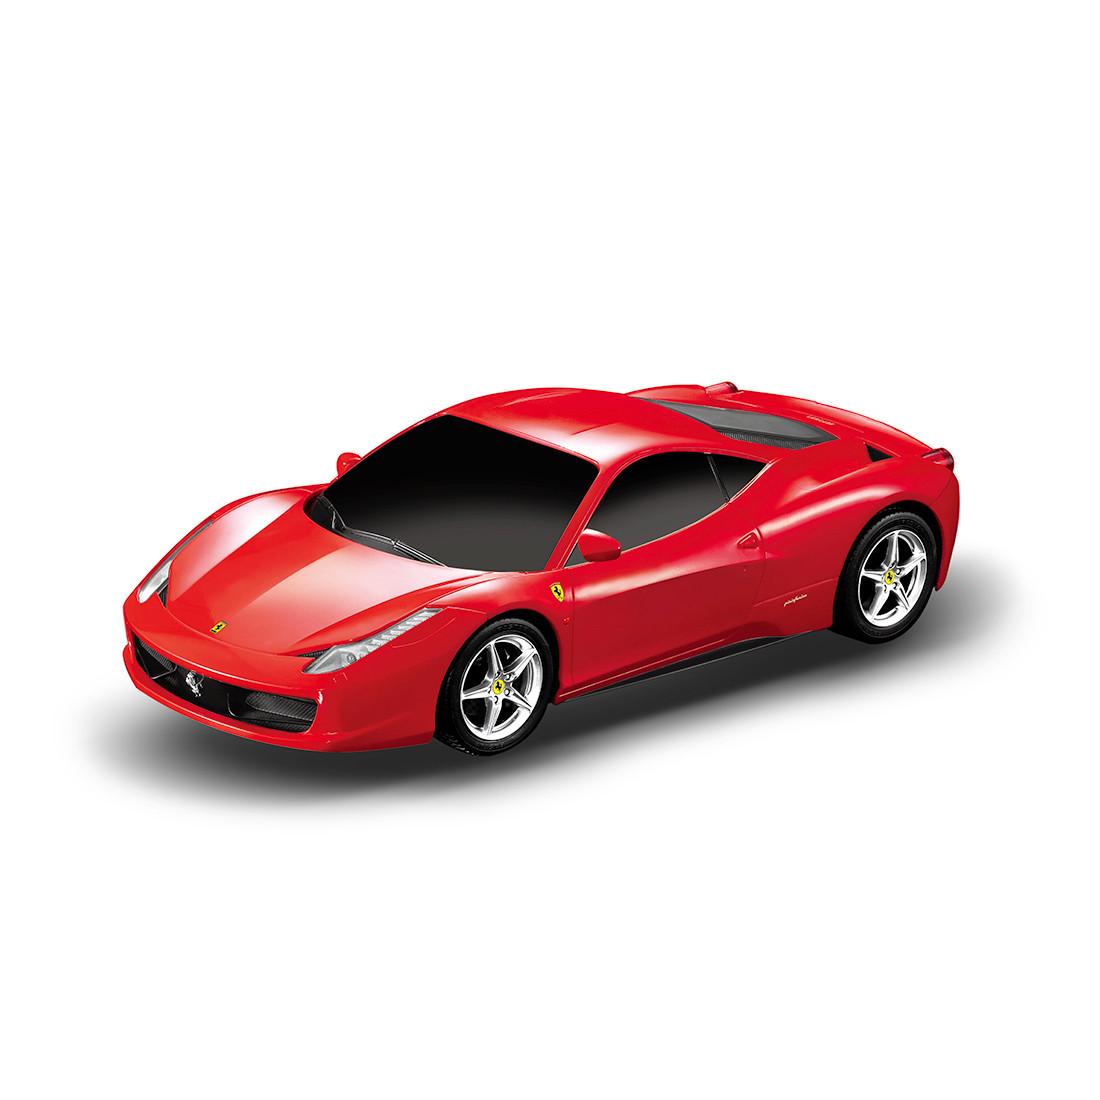 Радиоуправляемая модель автомобиль Rastar Ferrari 458 Italia, 1:32, Управление: Джойстик, Материал: Пластик, Ц